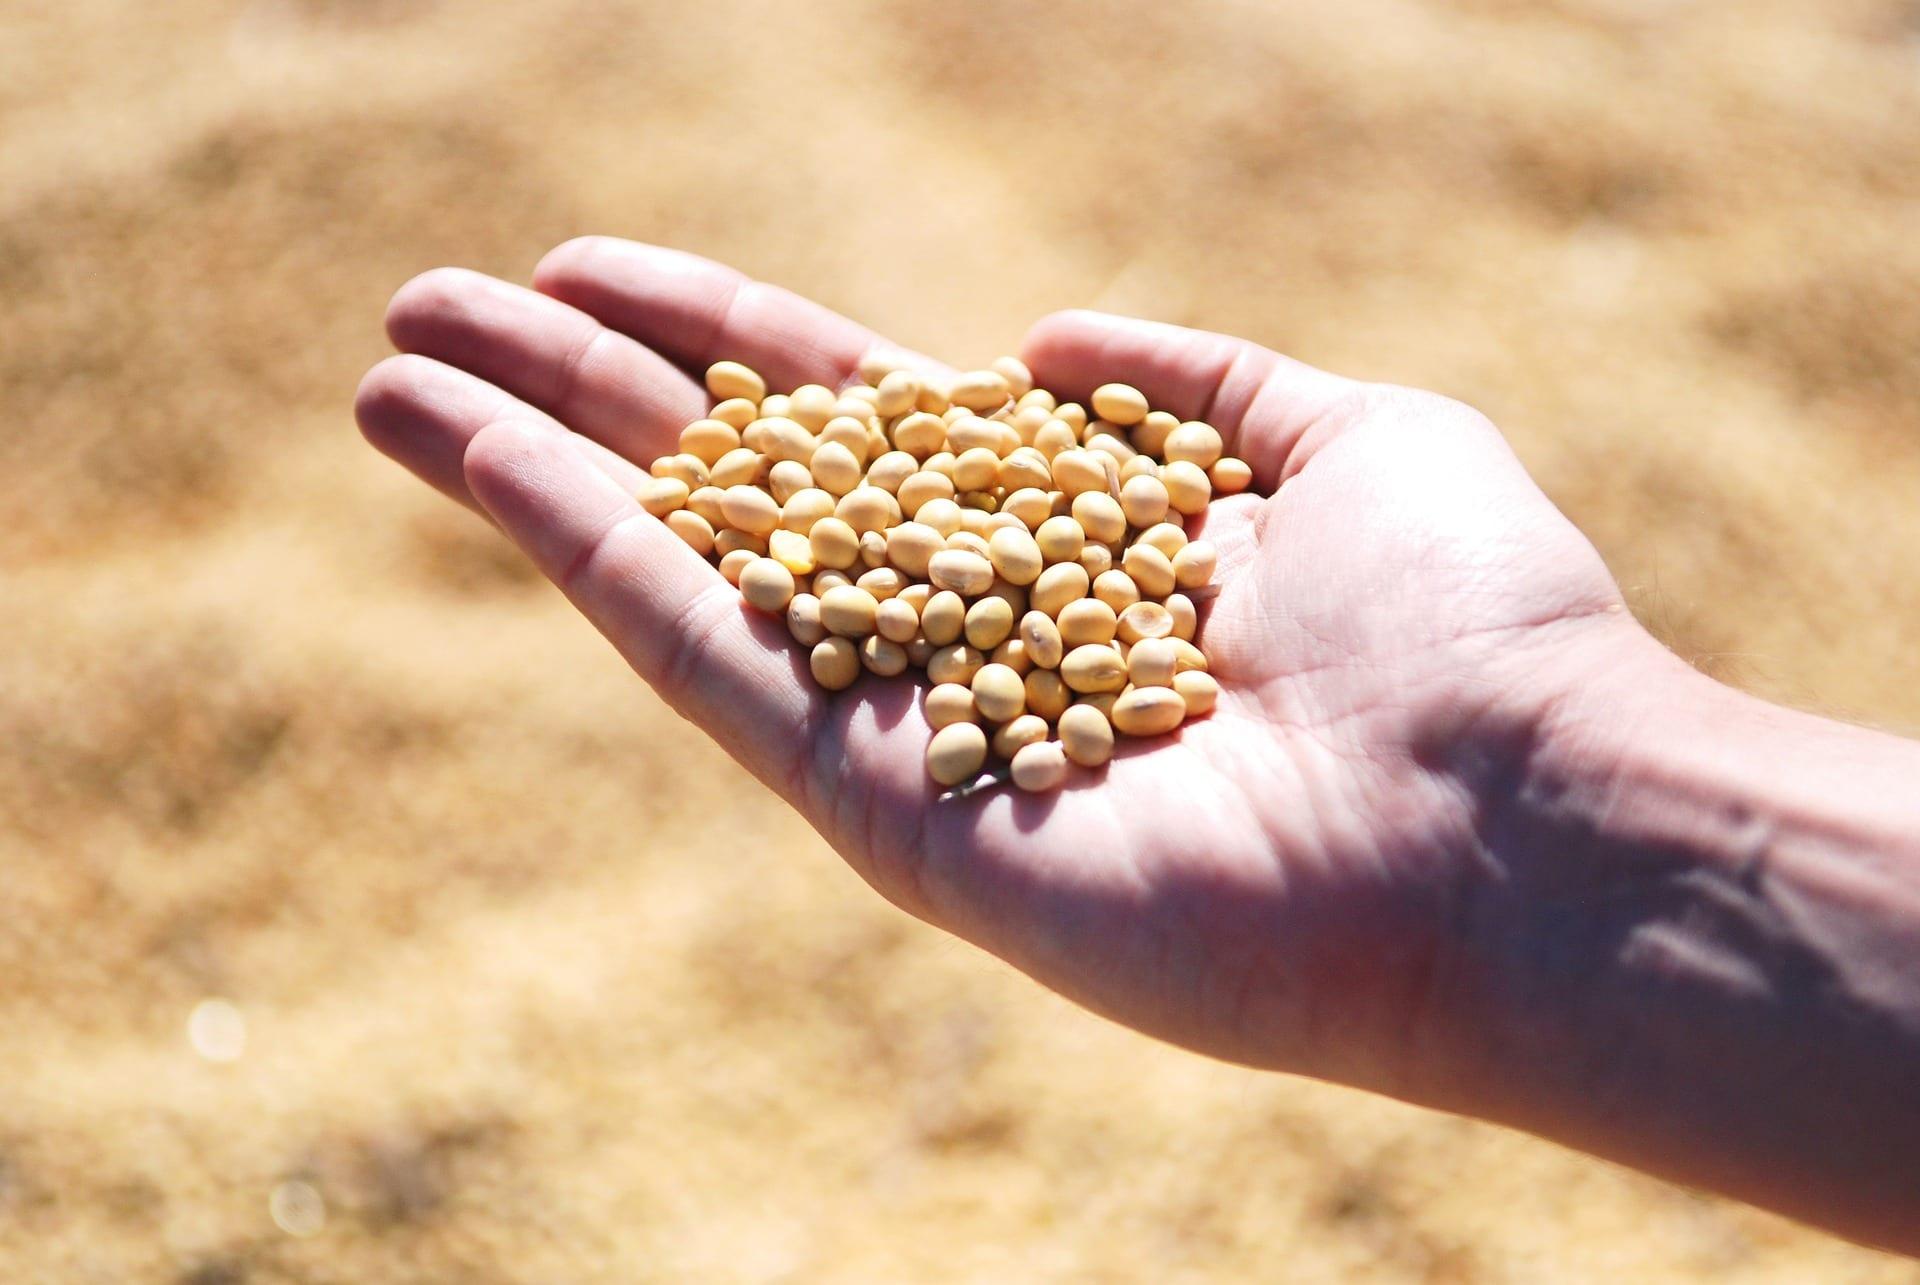 Agropecuária Carboni produzirá Ração Bovina em parceria com a Ecológica